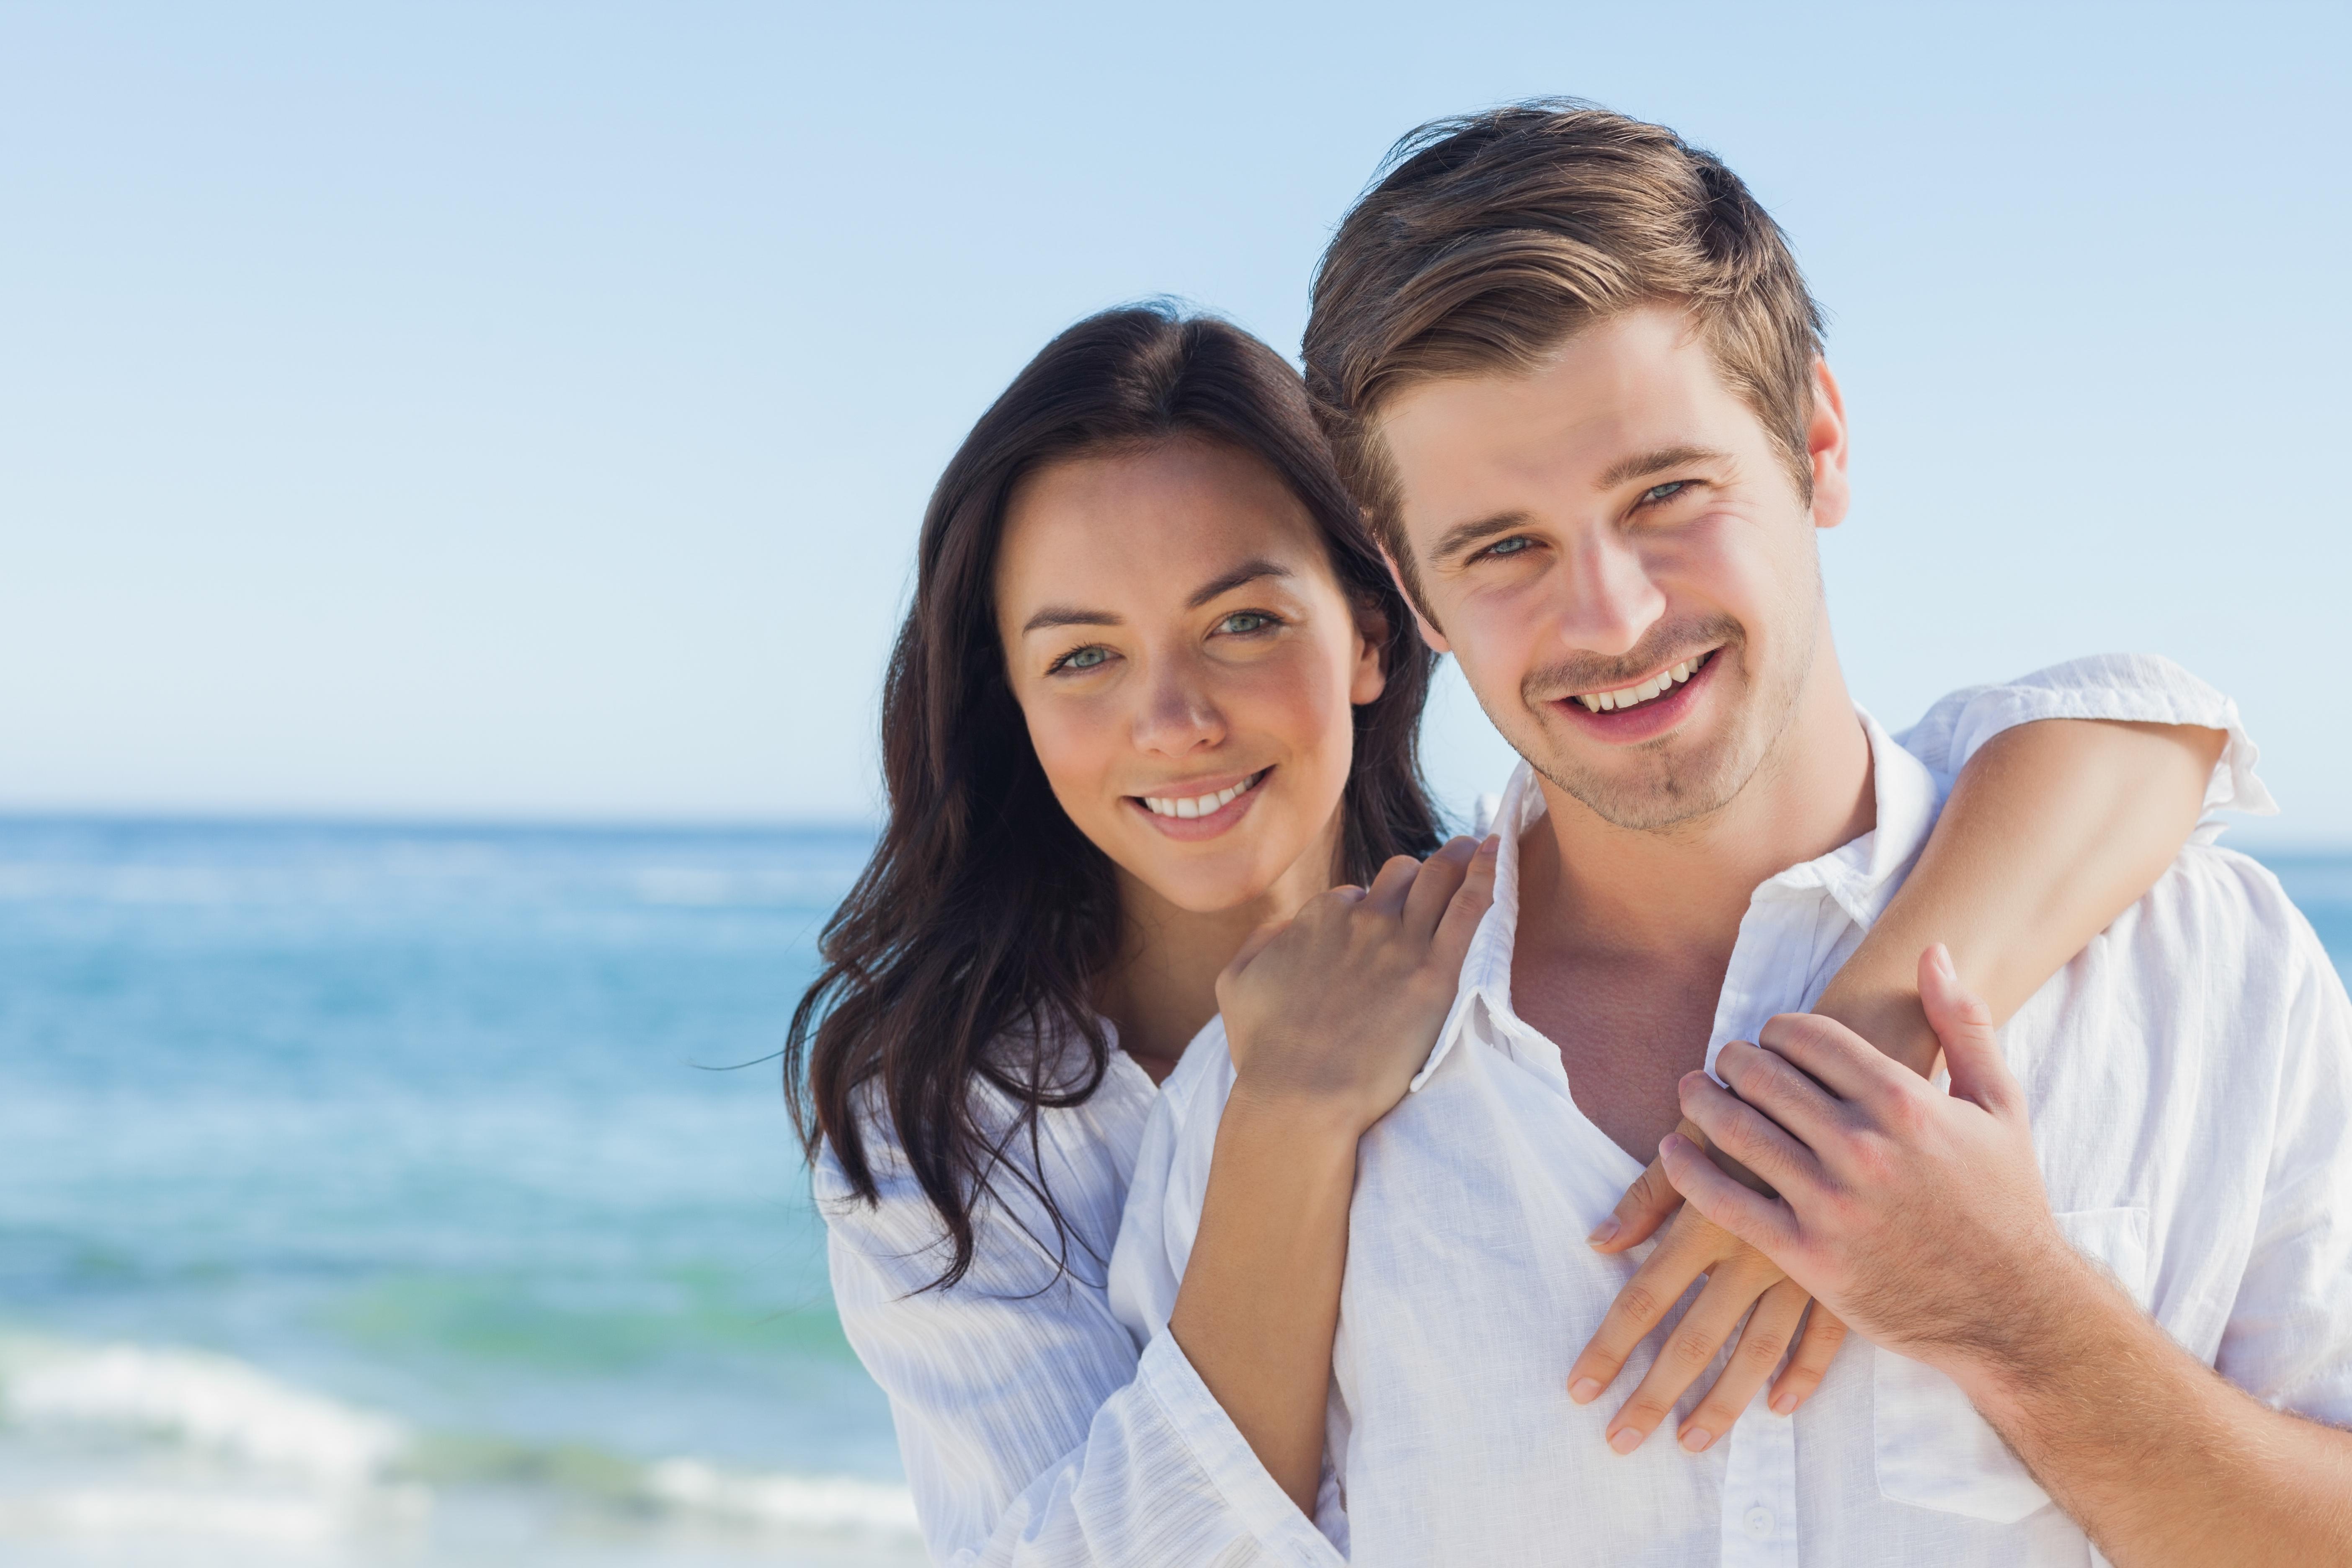 Mann und Frau in einer Beziehung